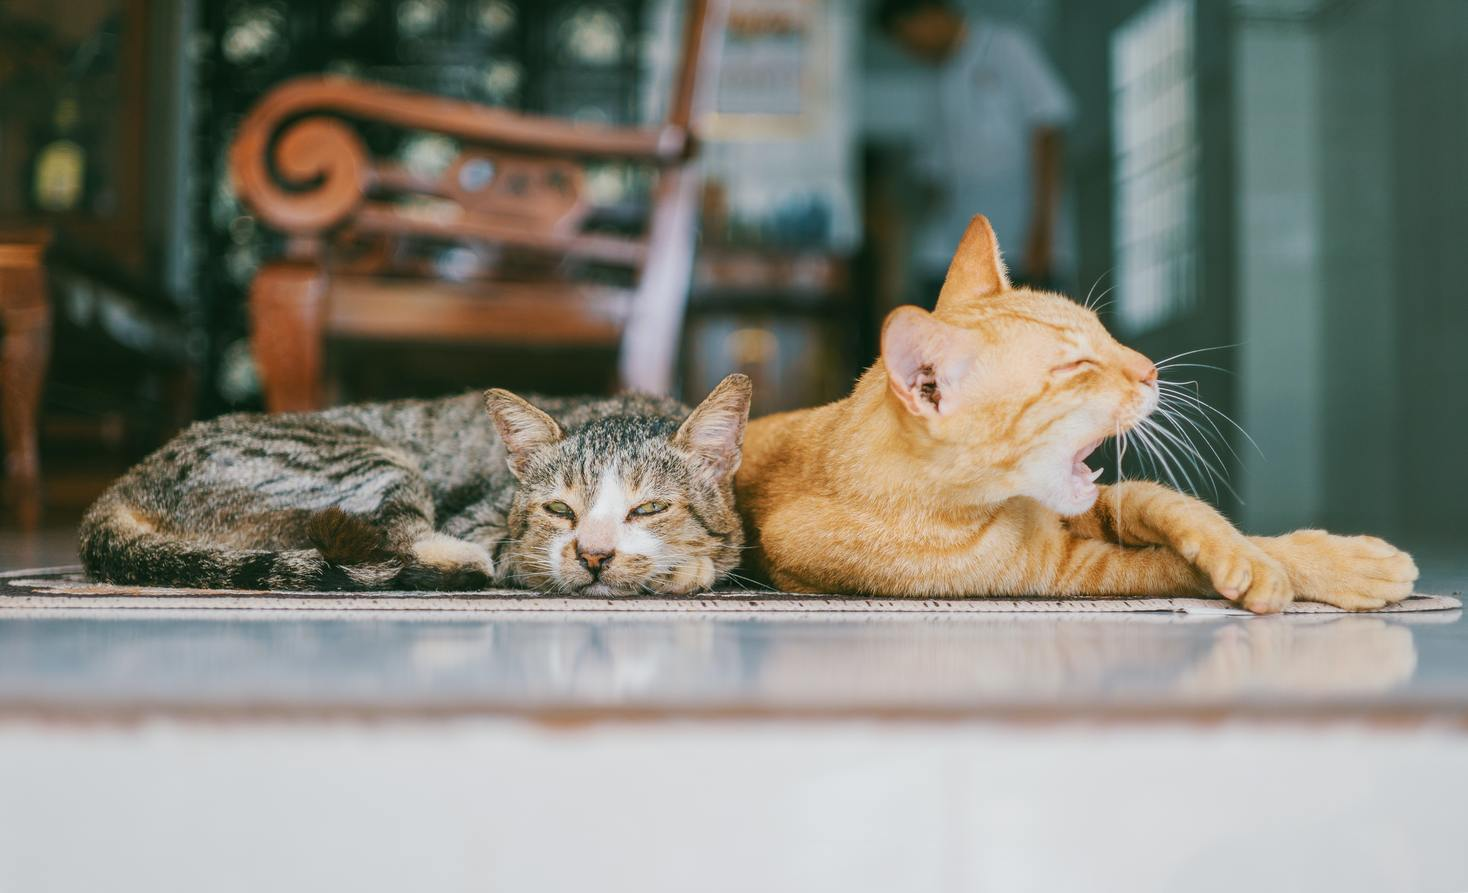 Hình ảnh mèo mướp vàng cực đẹp